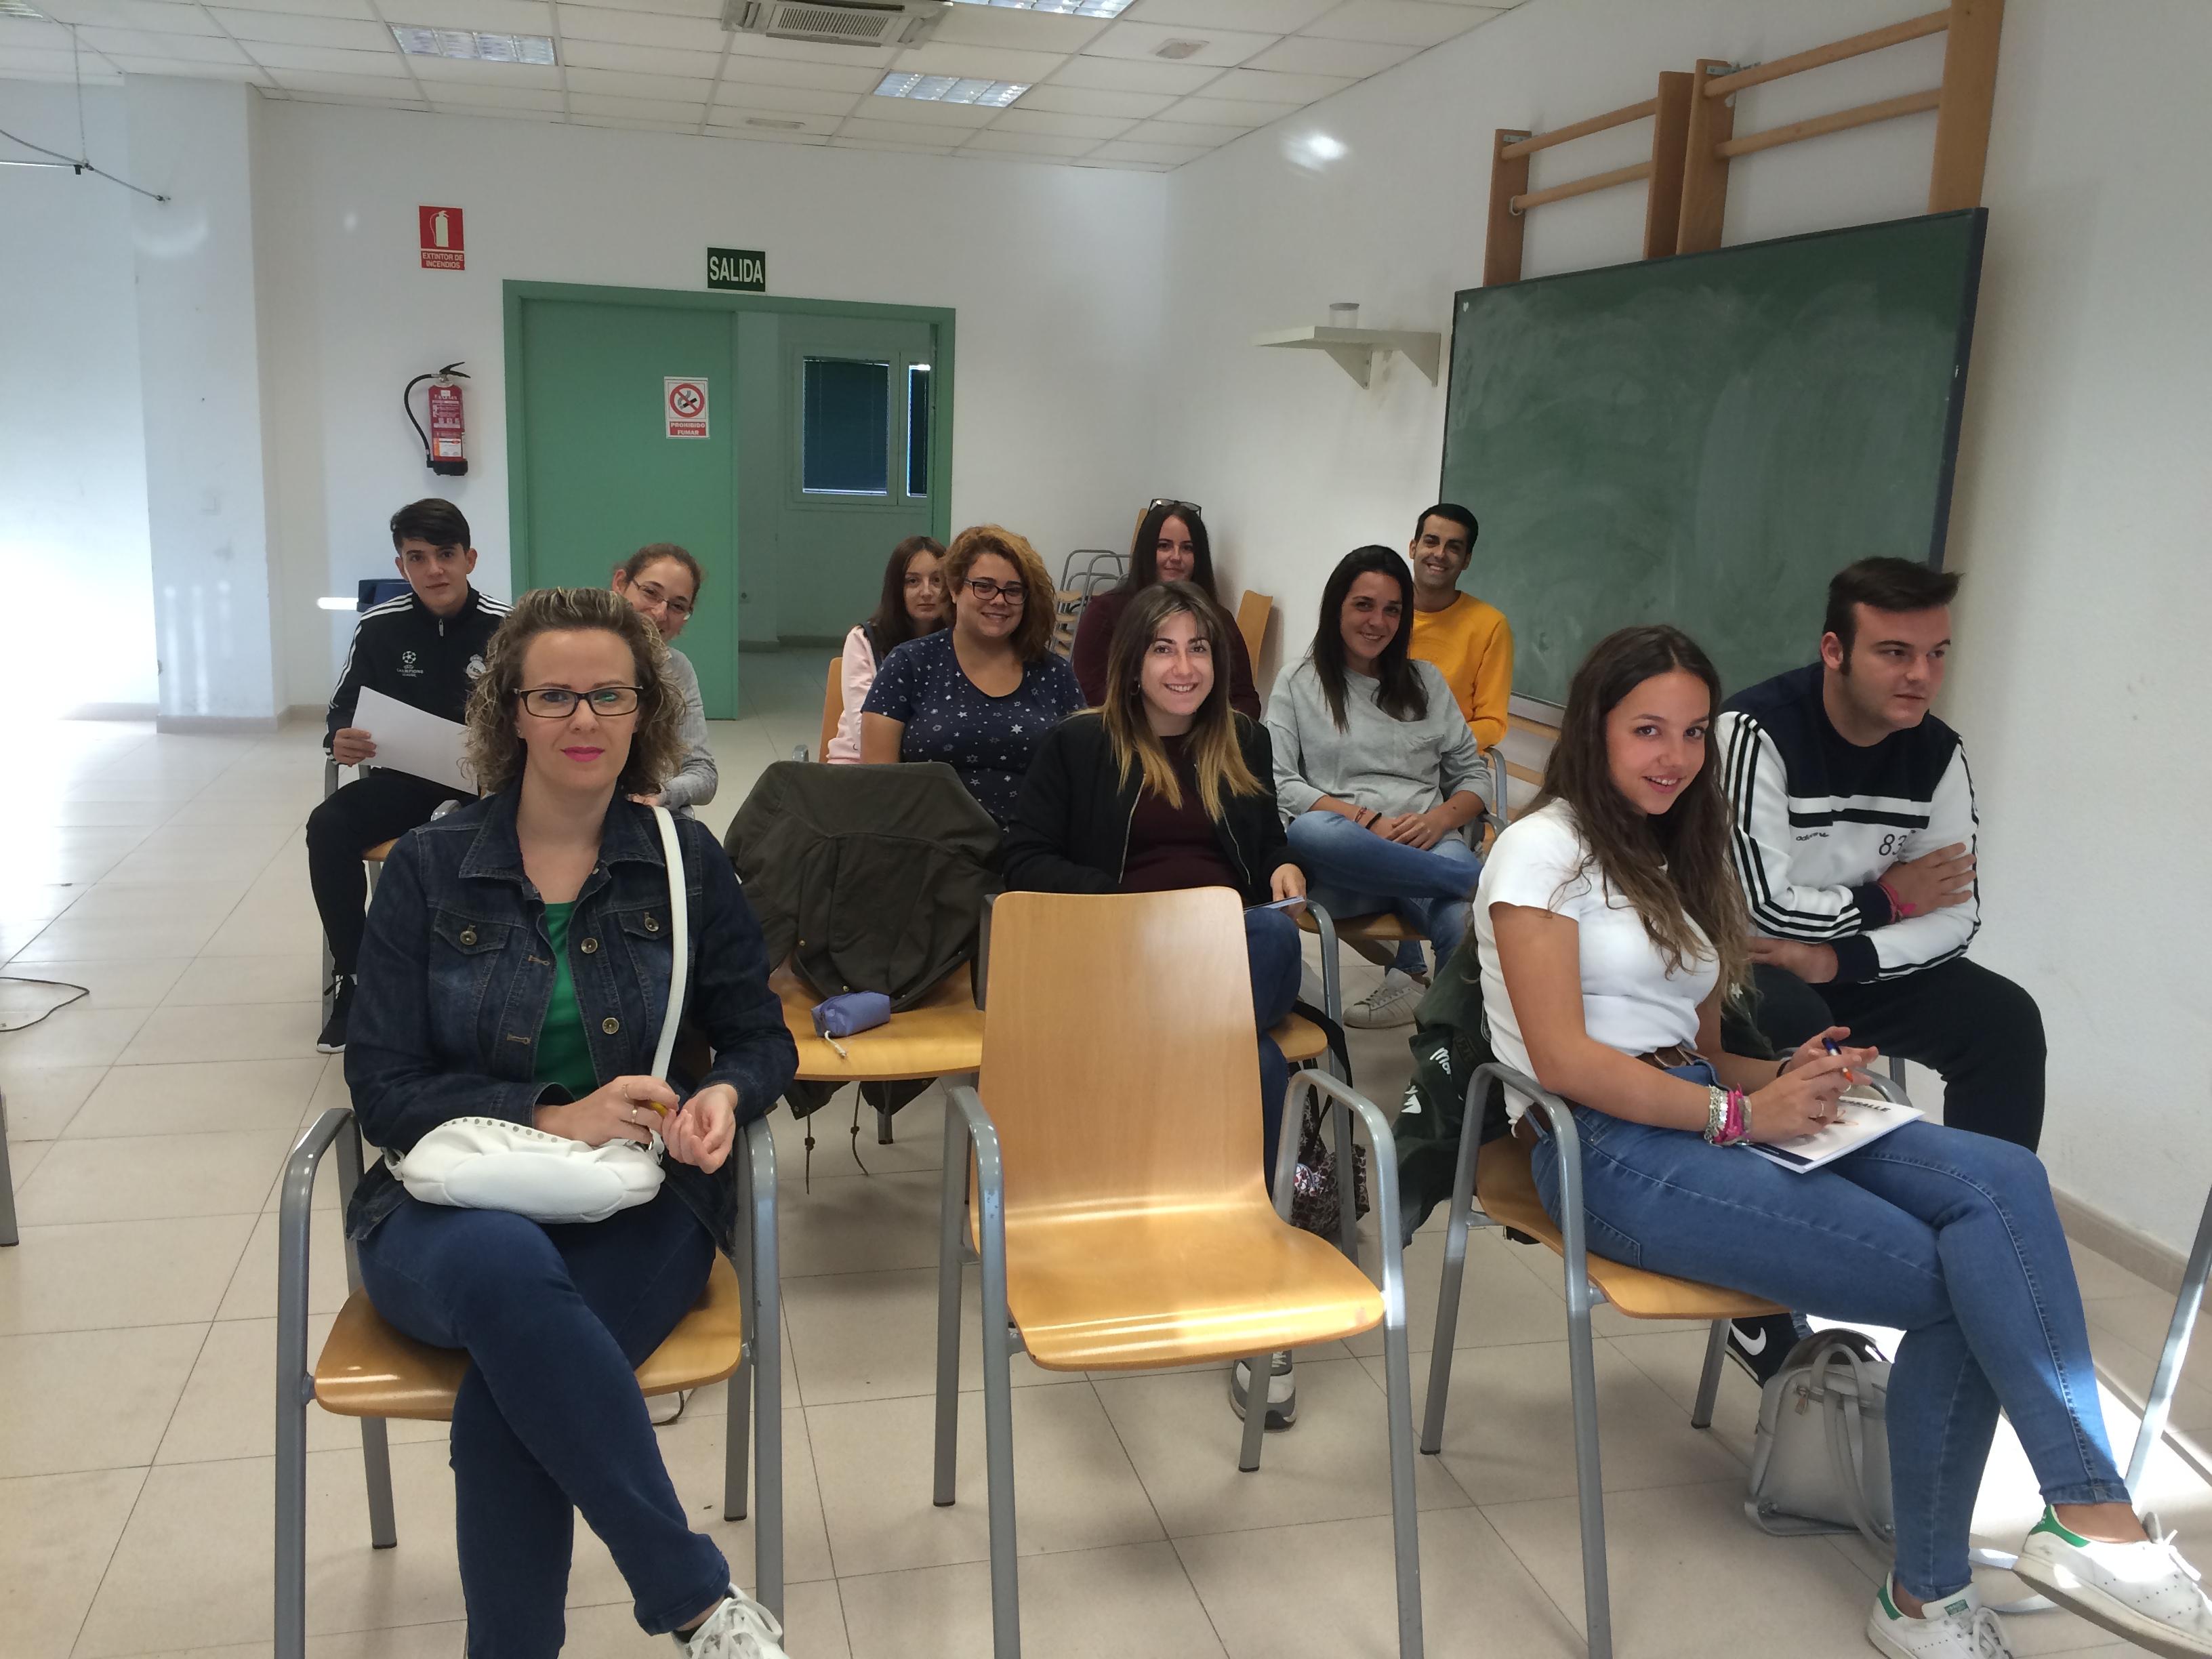 Comienza el curso de monitor de comedor escolar en valdilecha for Monitor comedor escolar